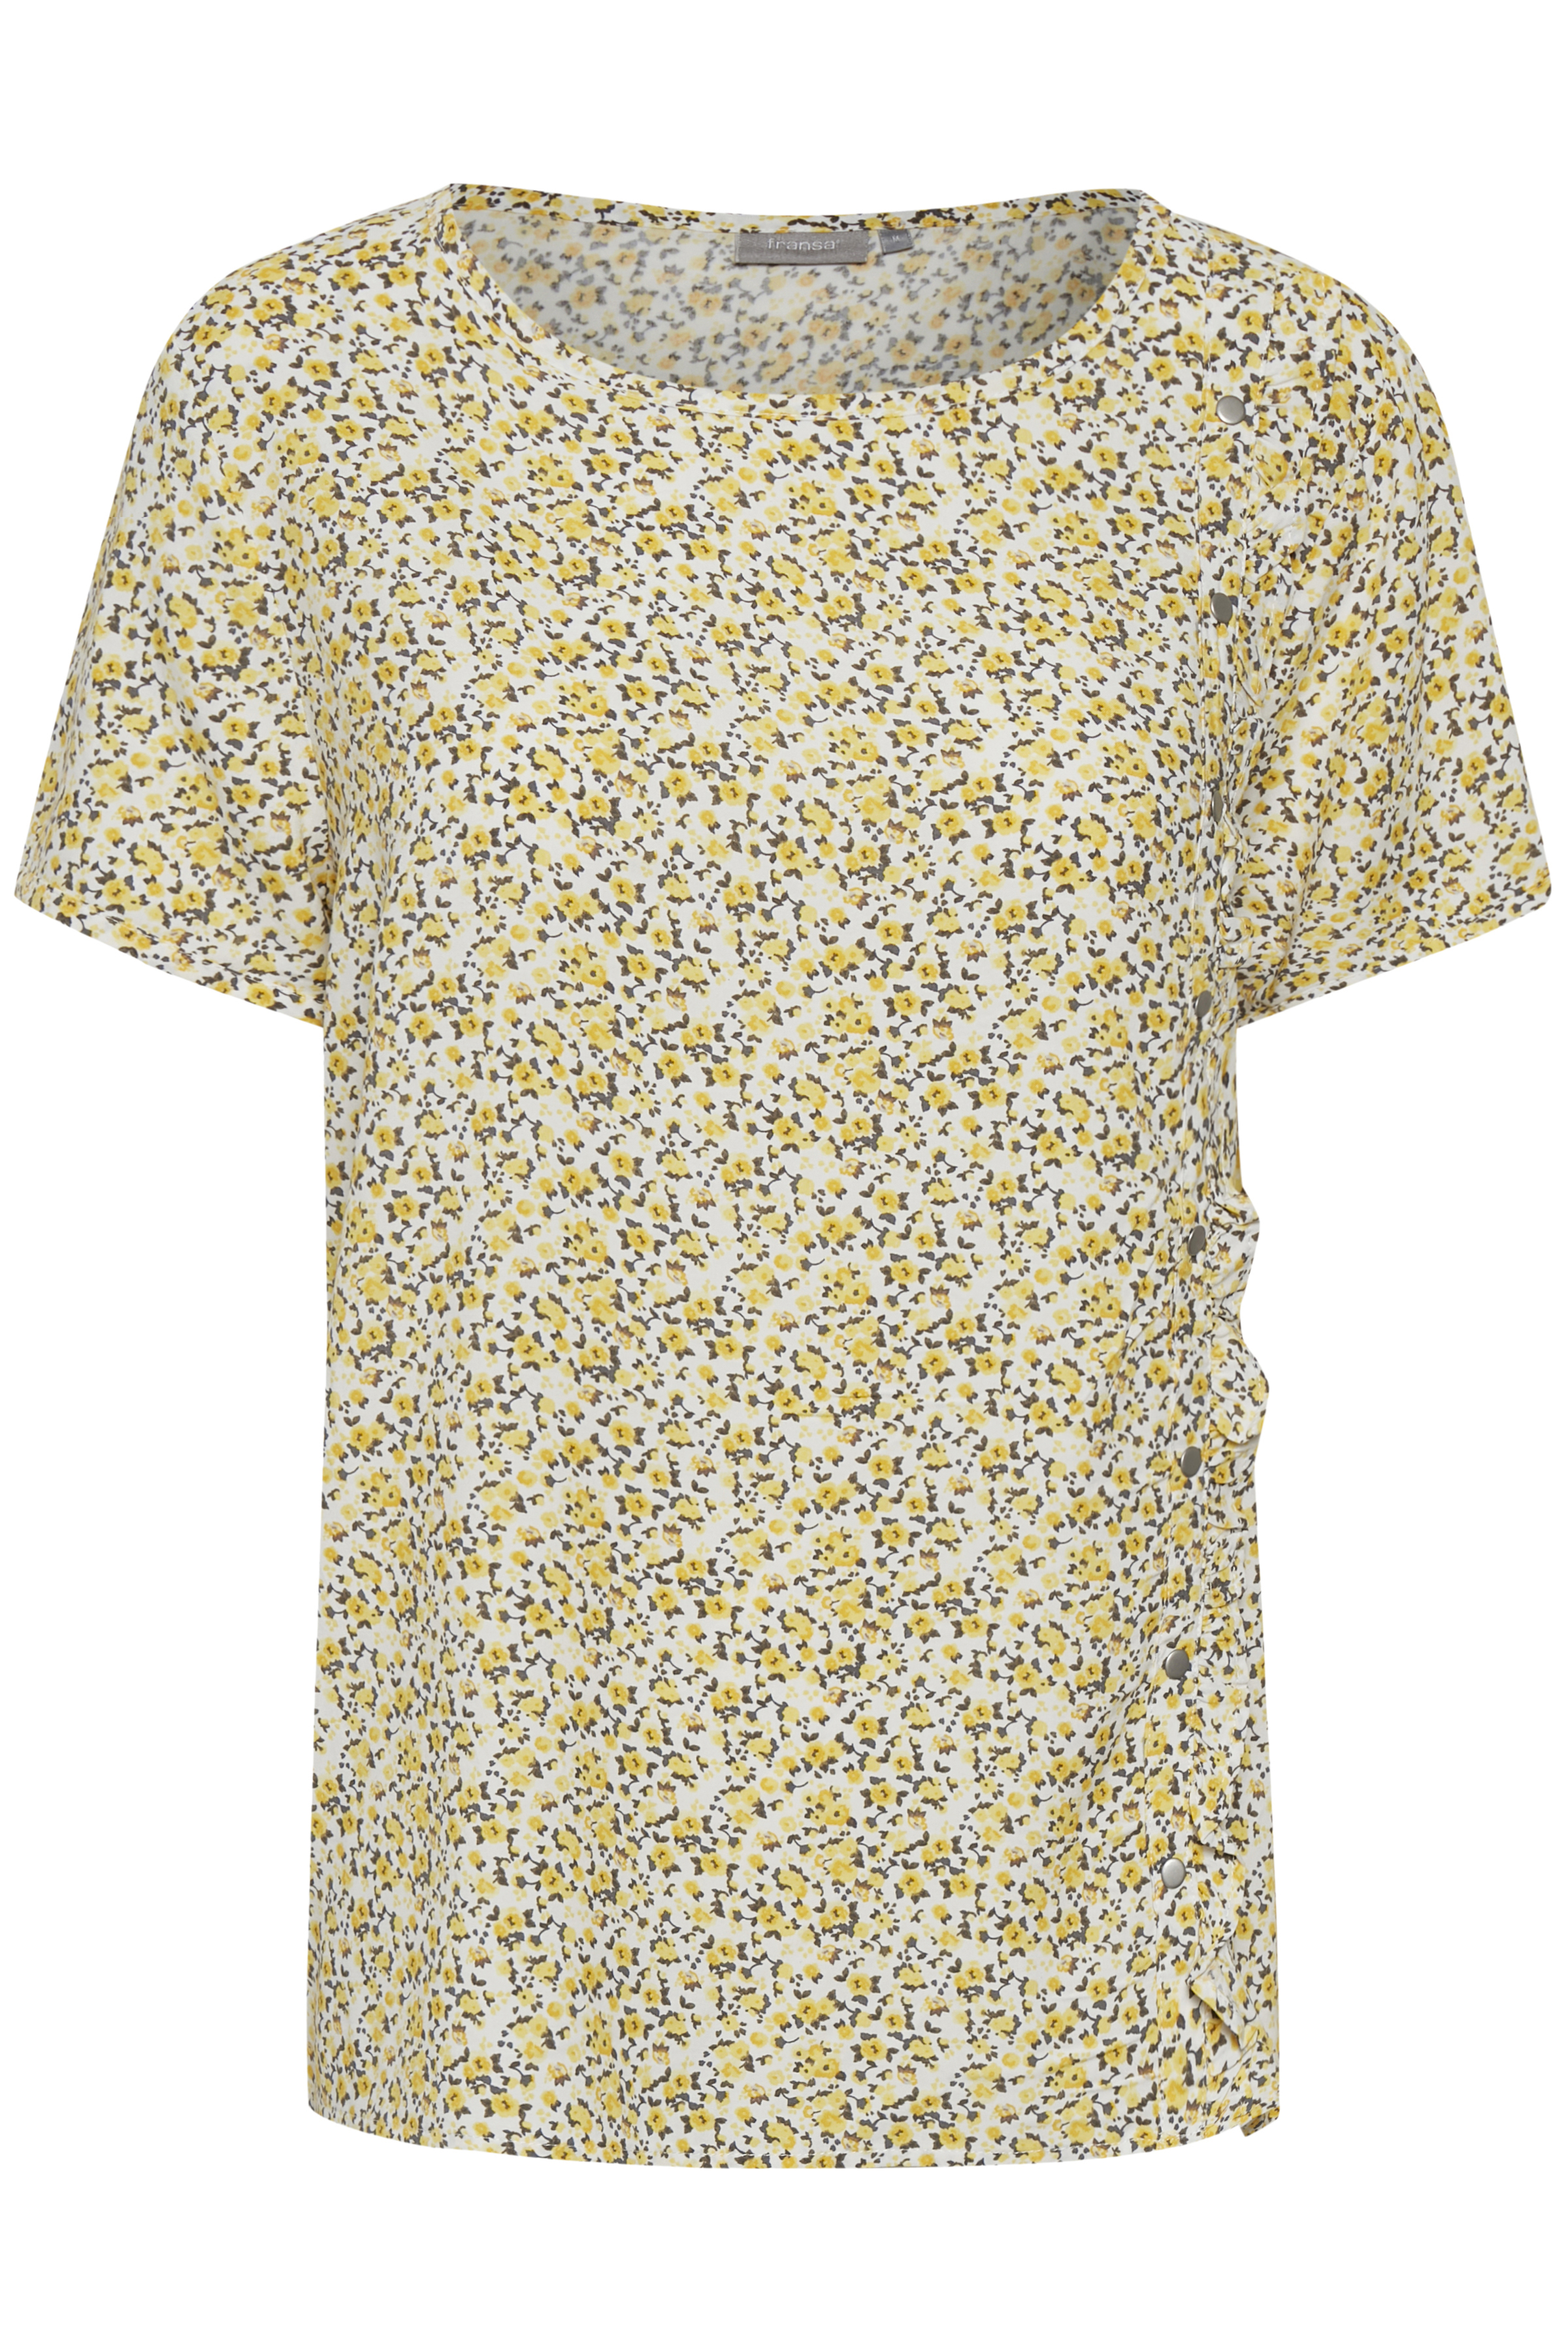 Weiß/gelb Kurzarm-Bluse von Fransa – Shoppen Sie Weiß/gelb Kurzarm-Bluse ab Gr. XS-XXL hier